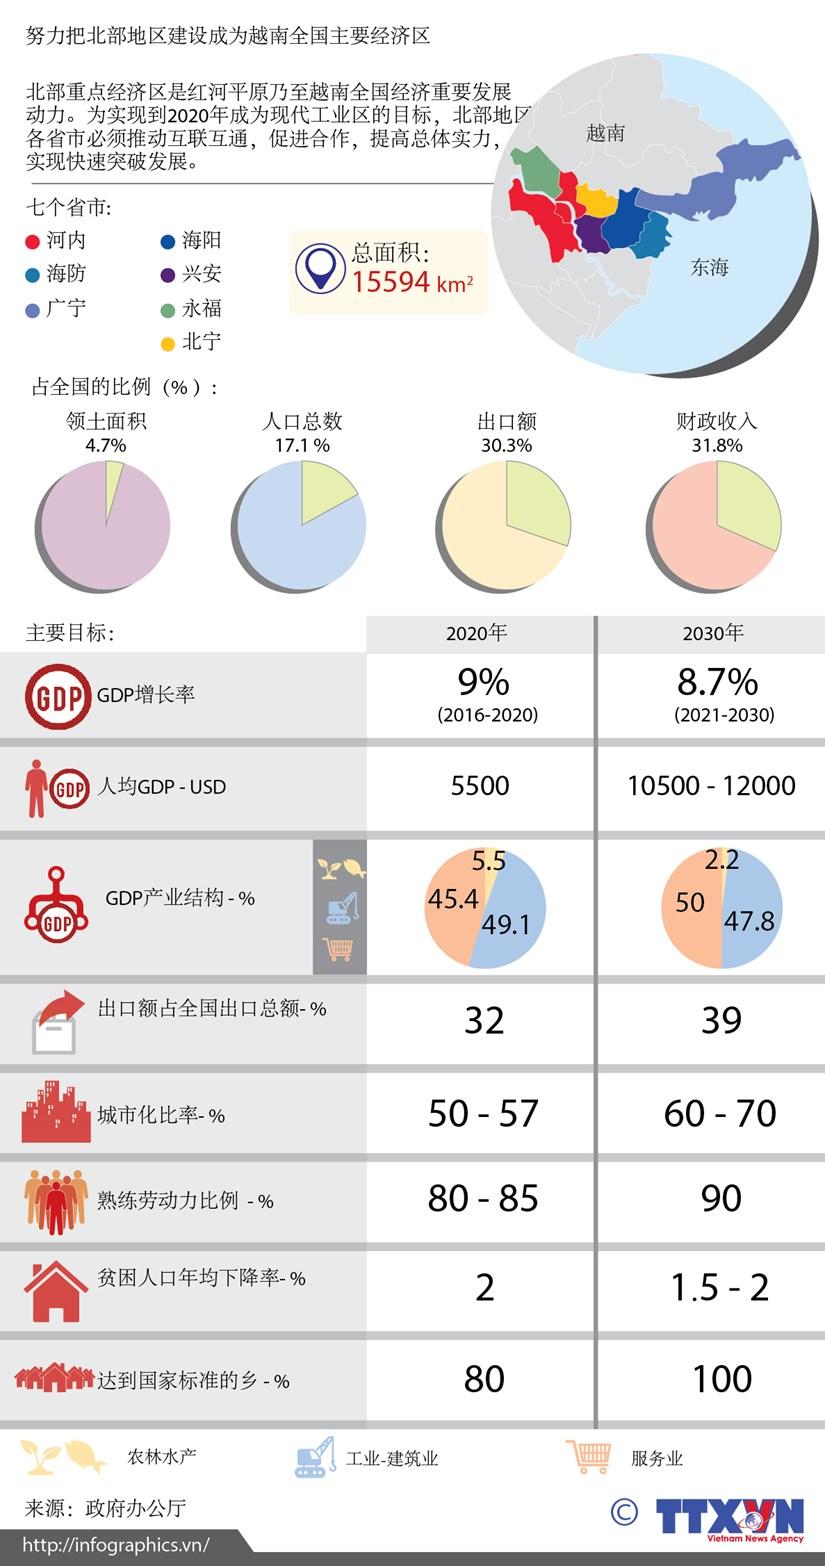 图表新闻:努力把北部地区建设成为越南全国主要经济区 hinh anh 1